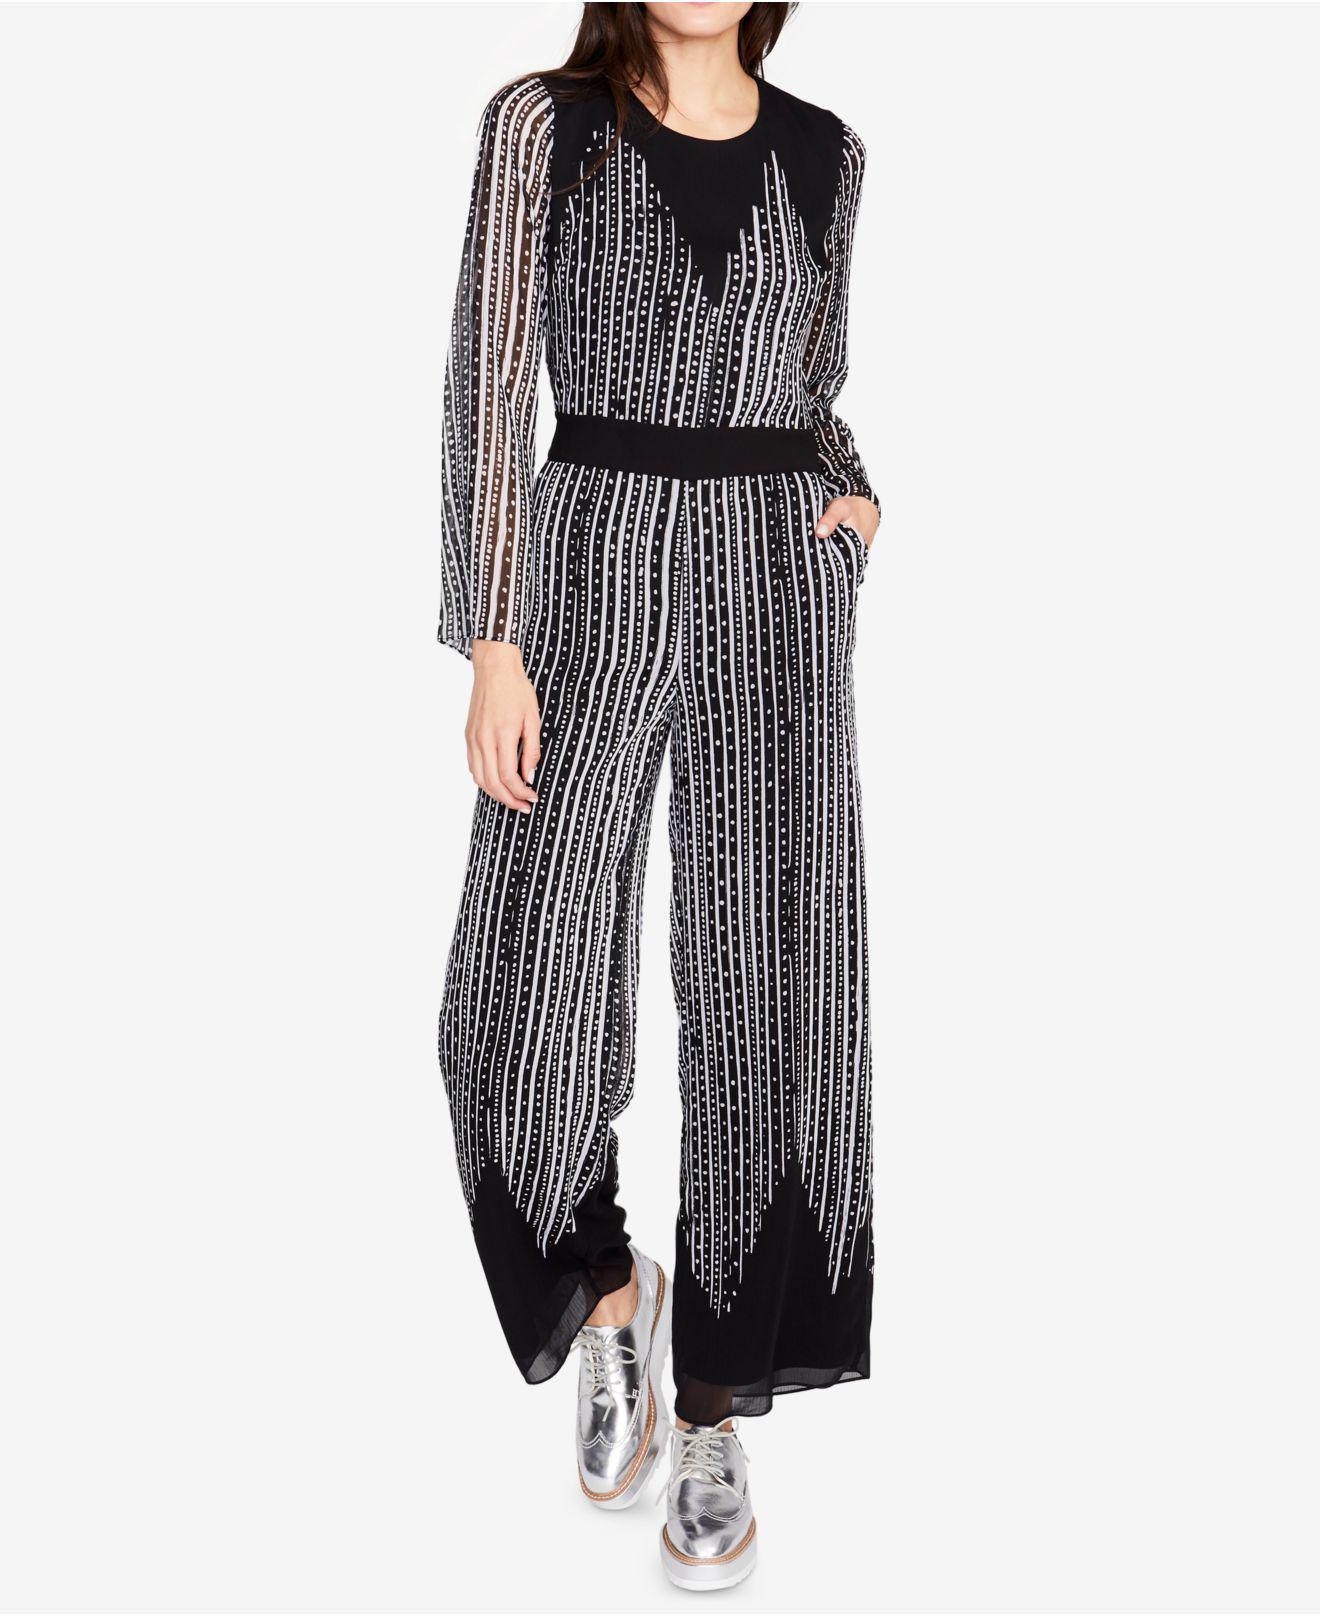 e7a5c118fd5 Lyst - RACHEL Rachel Roy Printed Tie-back Jumpsuit